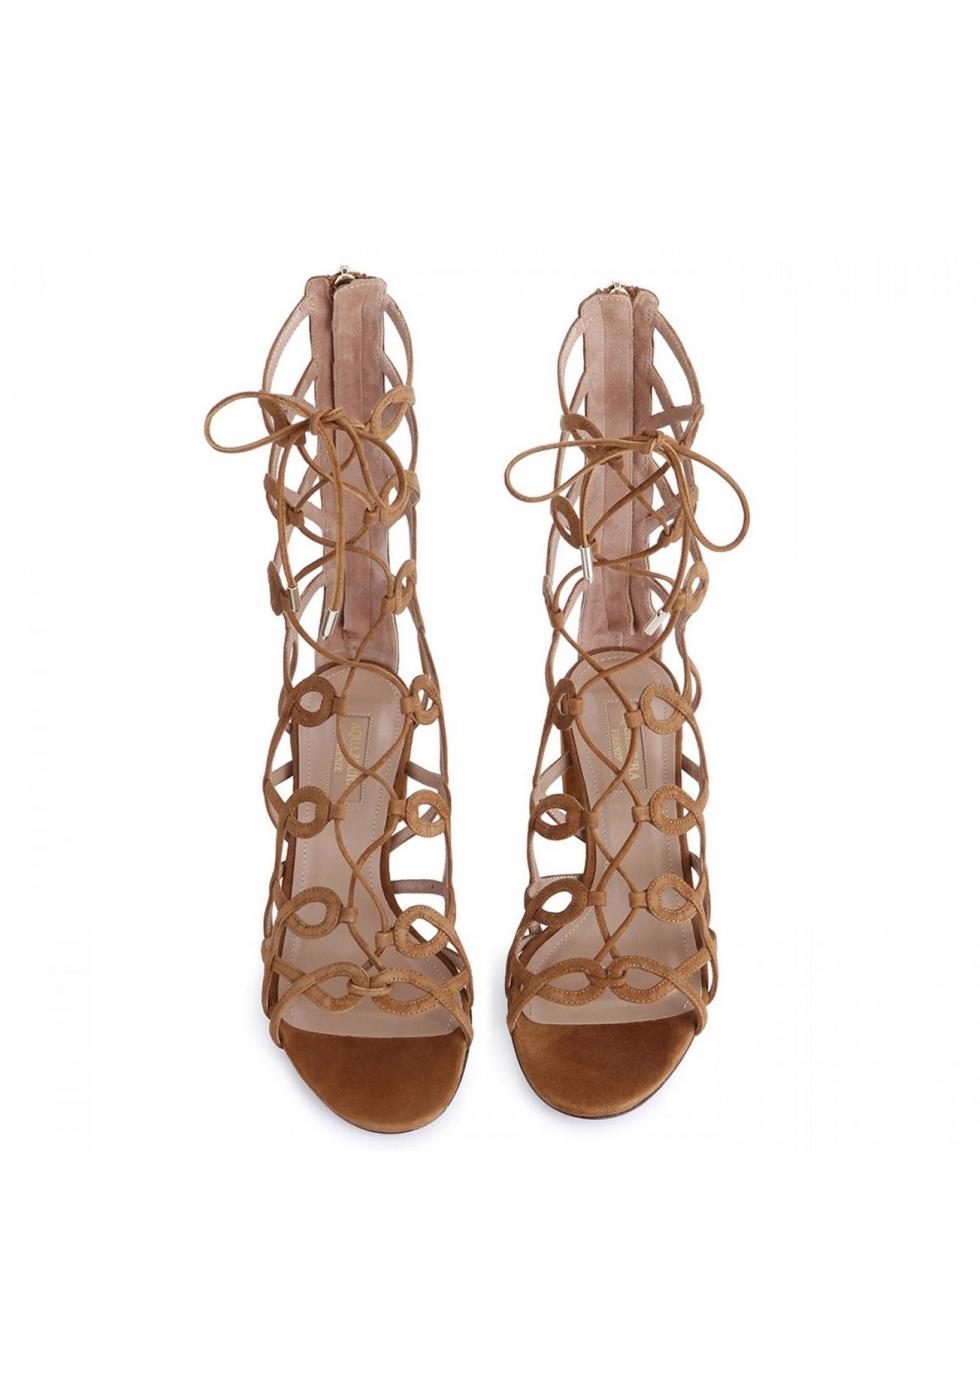 ff82cb5ec9c Aquazzura Mumbai gladiator sandals in beige suede - Italian Boutique